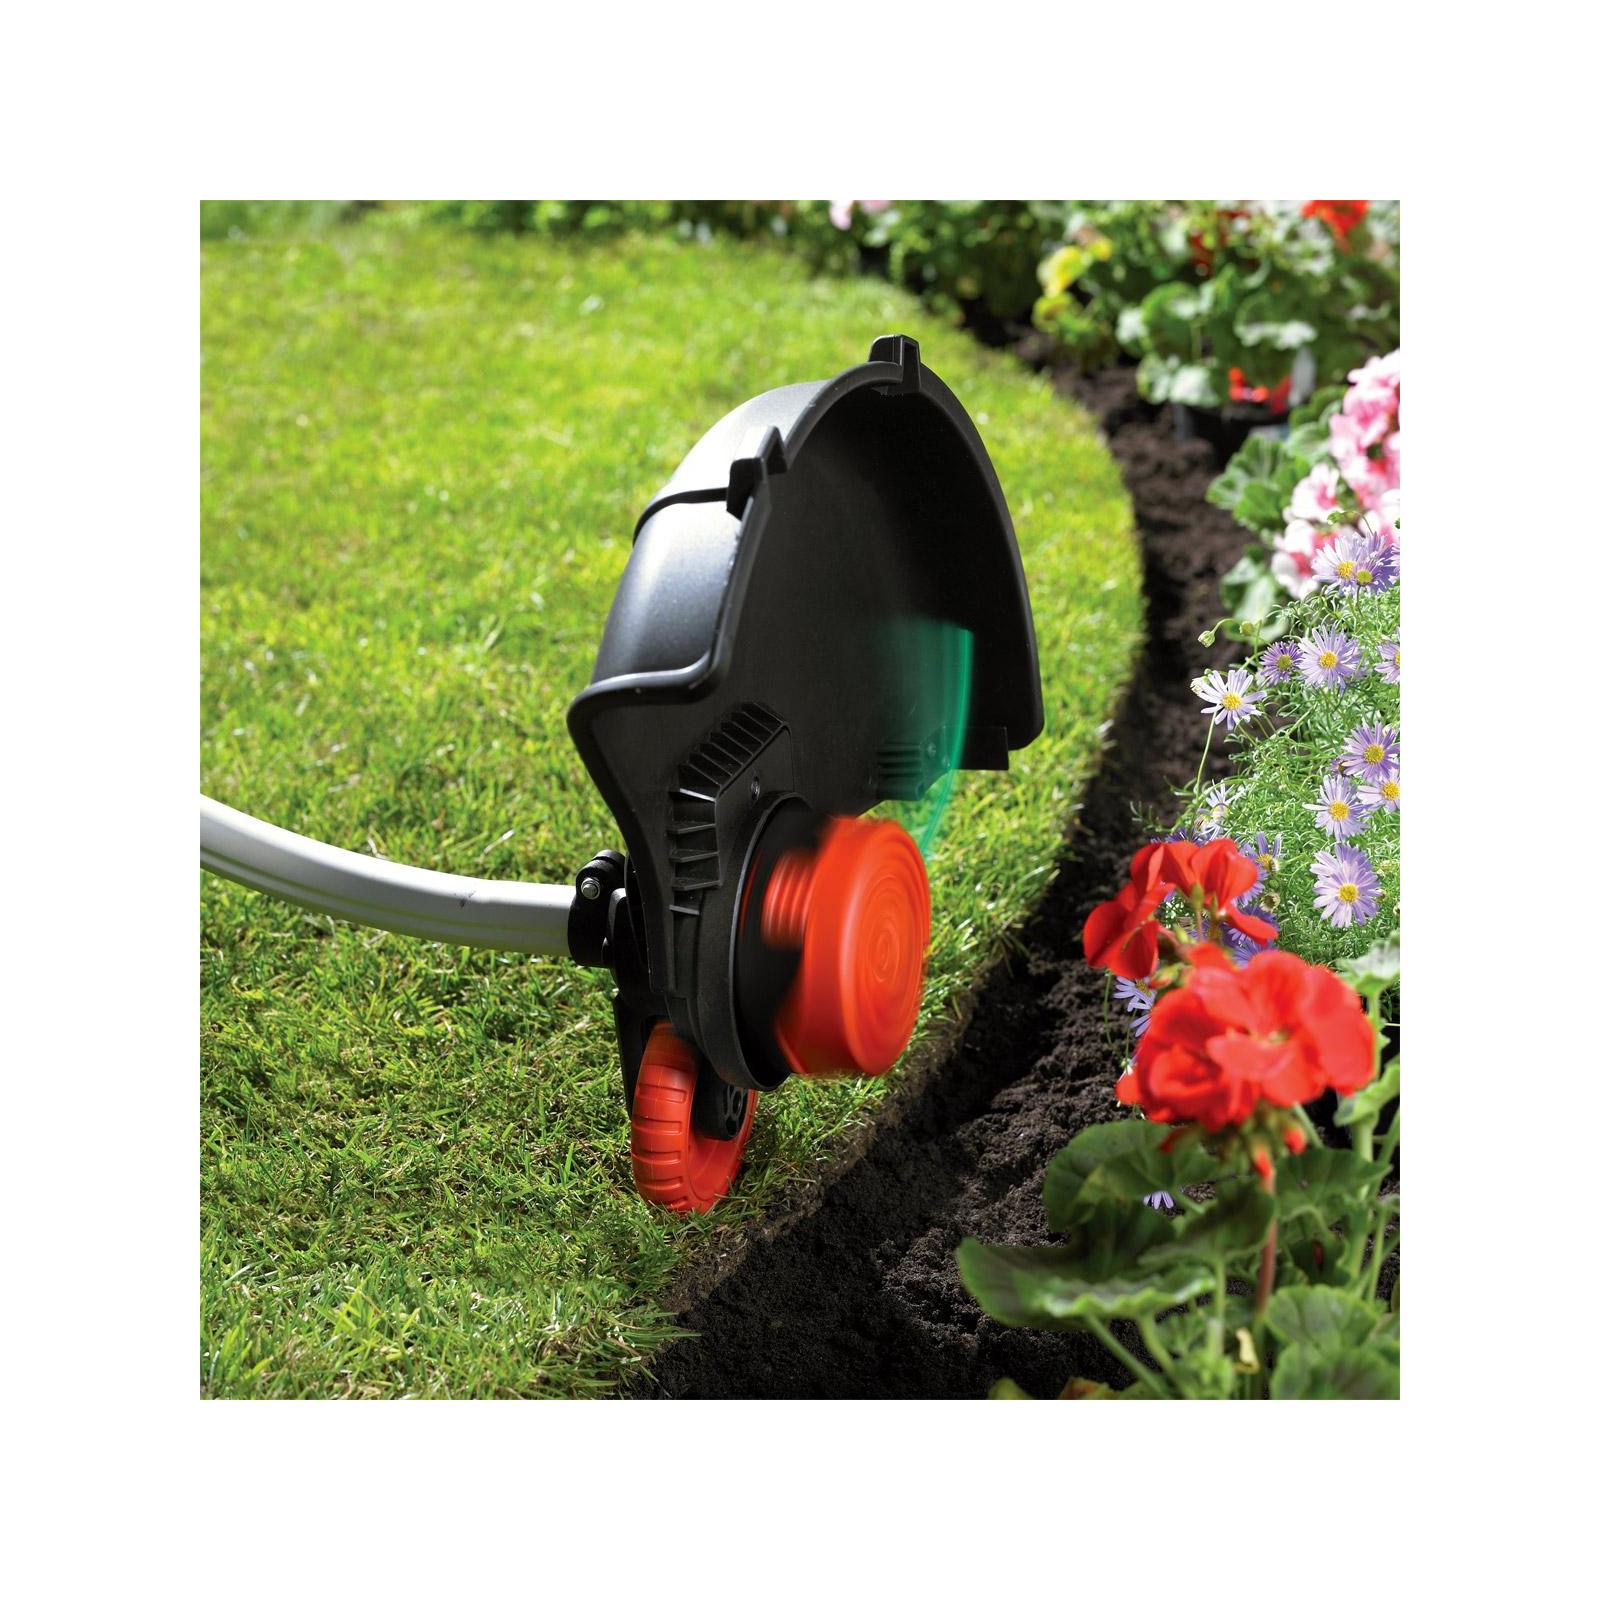 Триммер садовый Black&Decker электрокоса GL9035 (GL9035) изображение 2